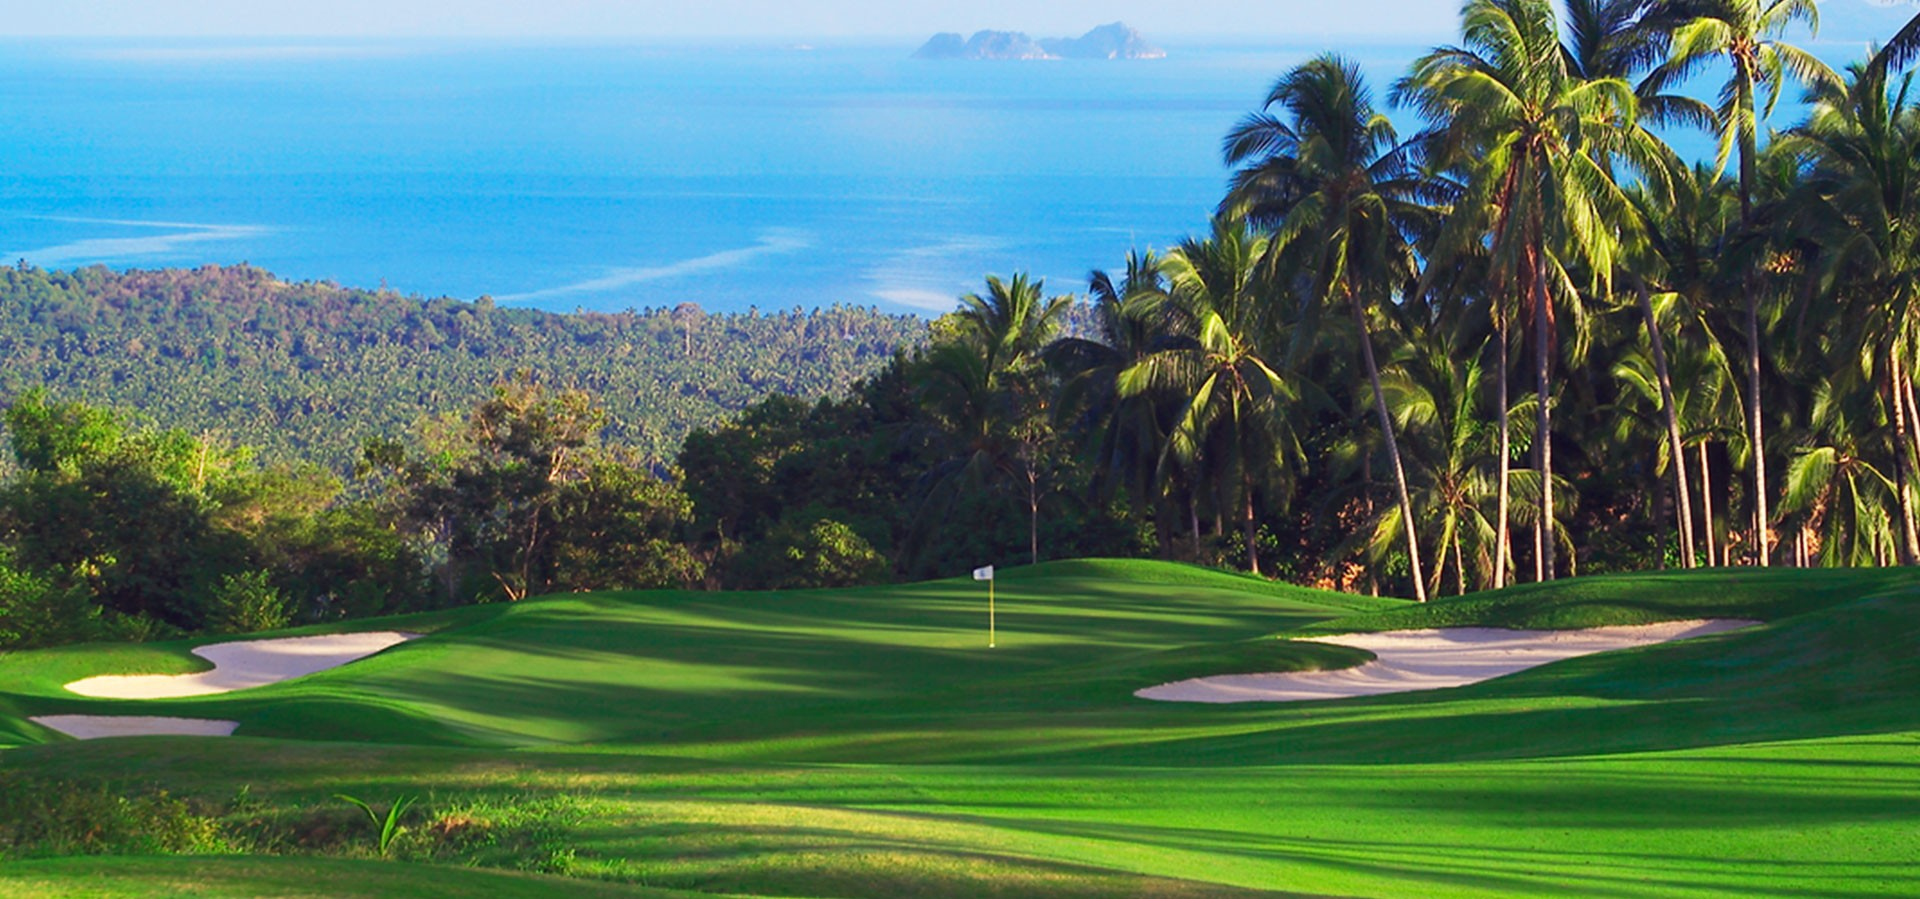 Santiburi-Samui-Golf